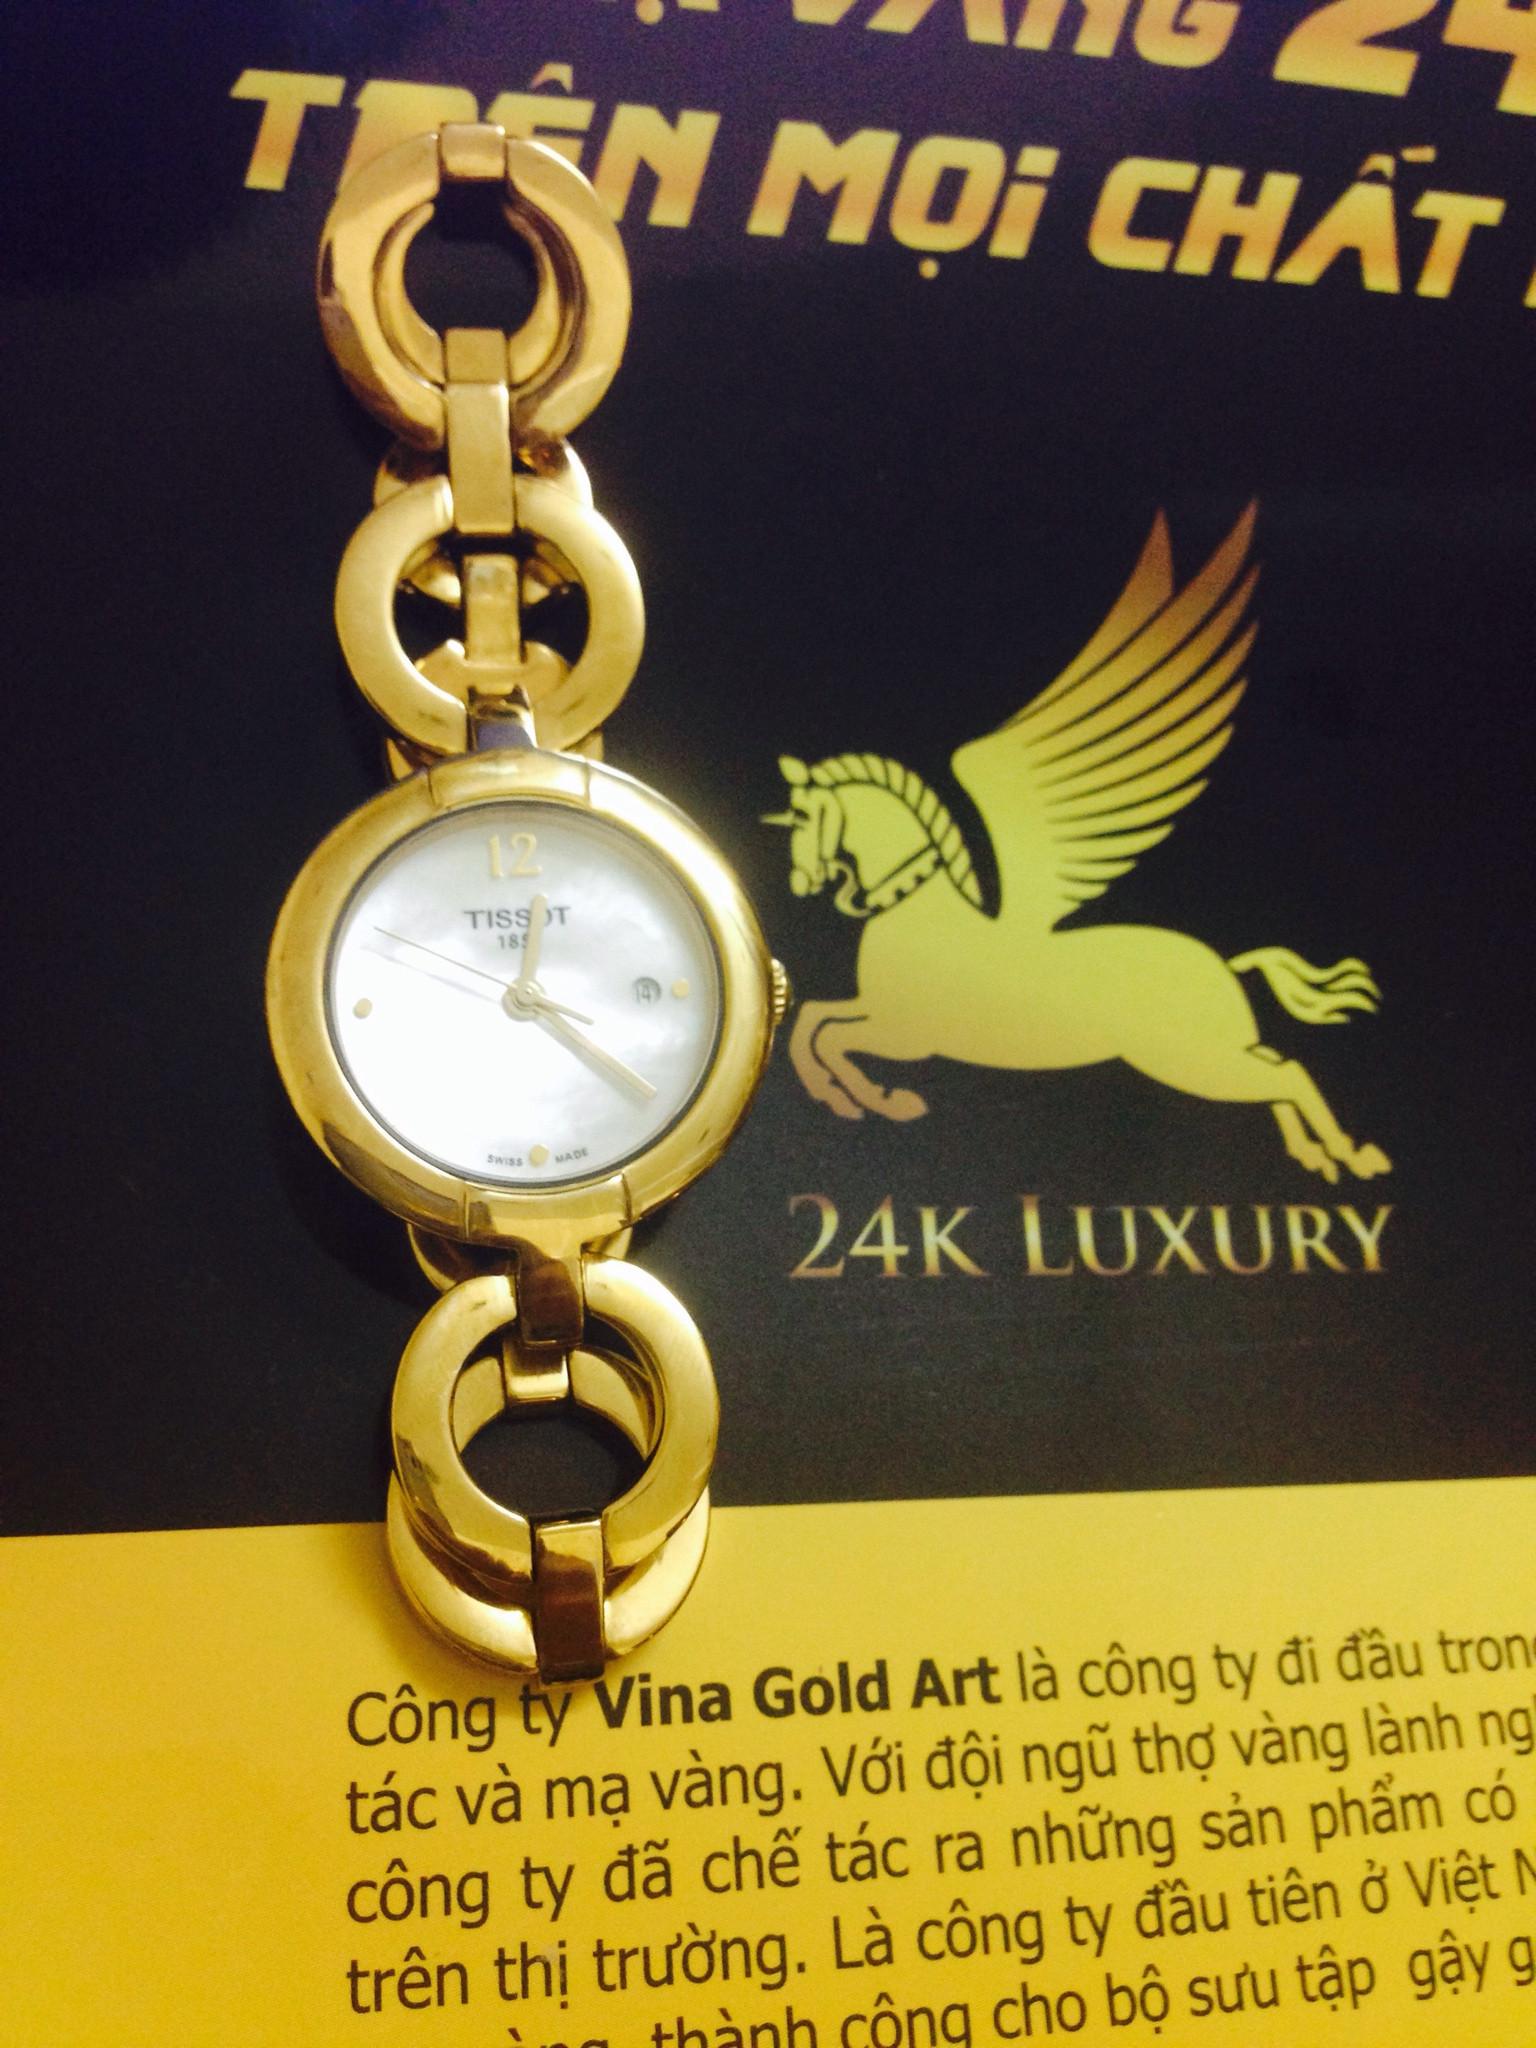 Đồng hồ nữ được mạ vàng 24k tại Vina Gold, tôn thêm vẻ đẹp và cá tính cho phái đẹp